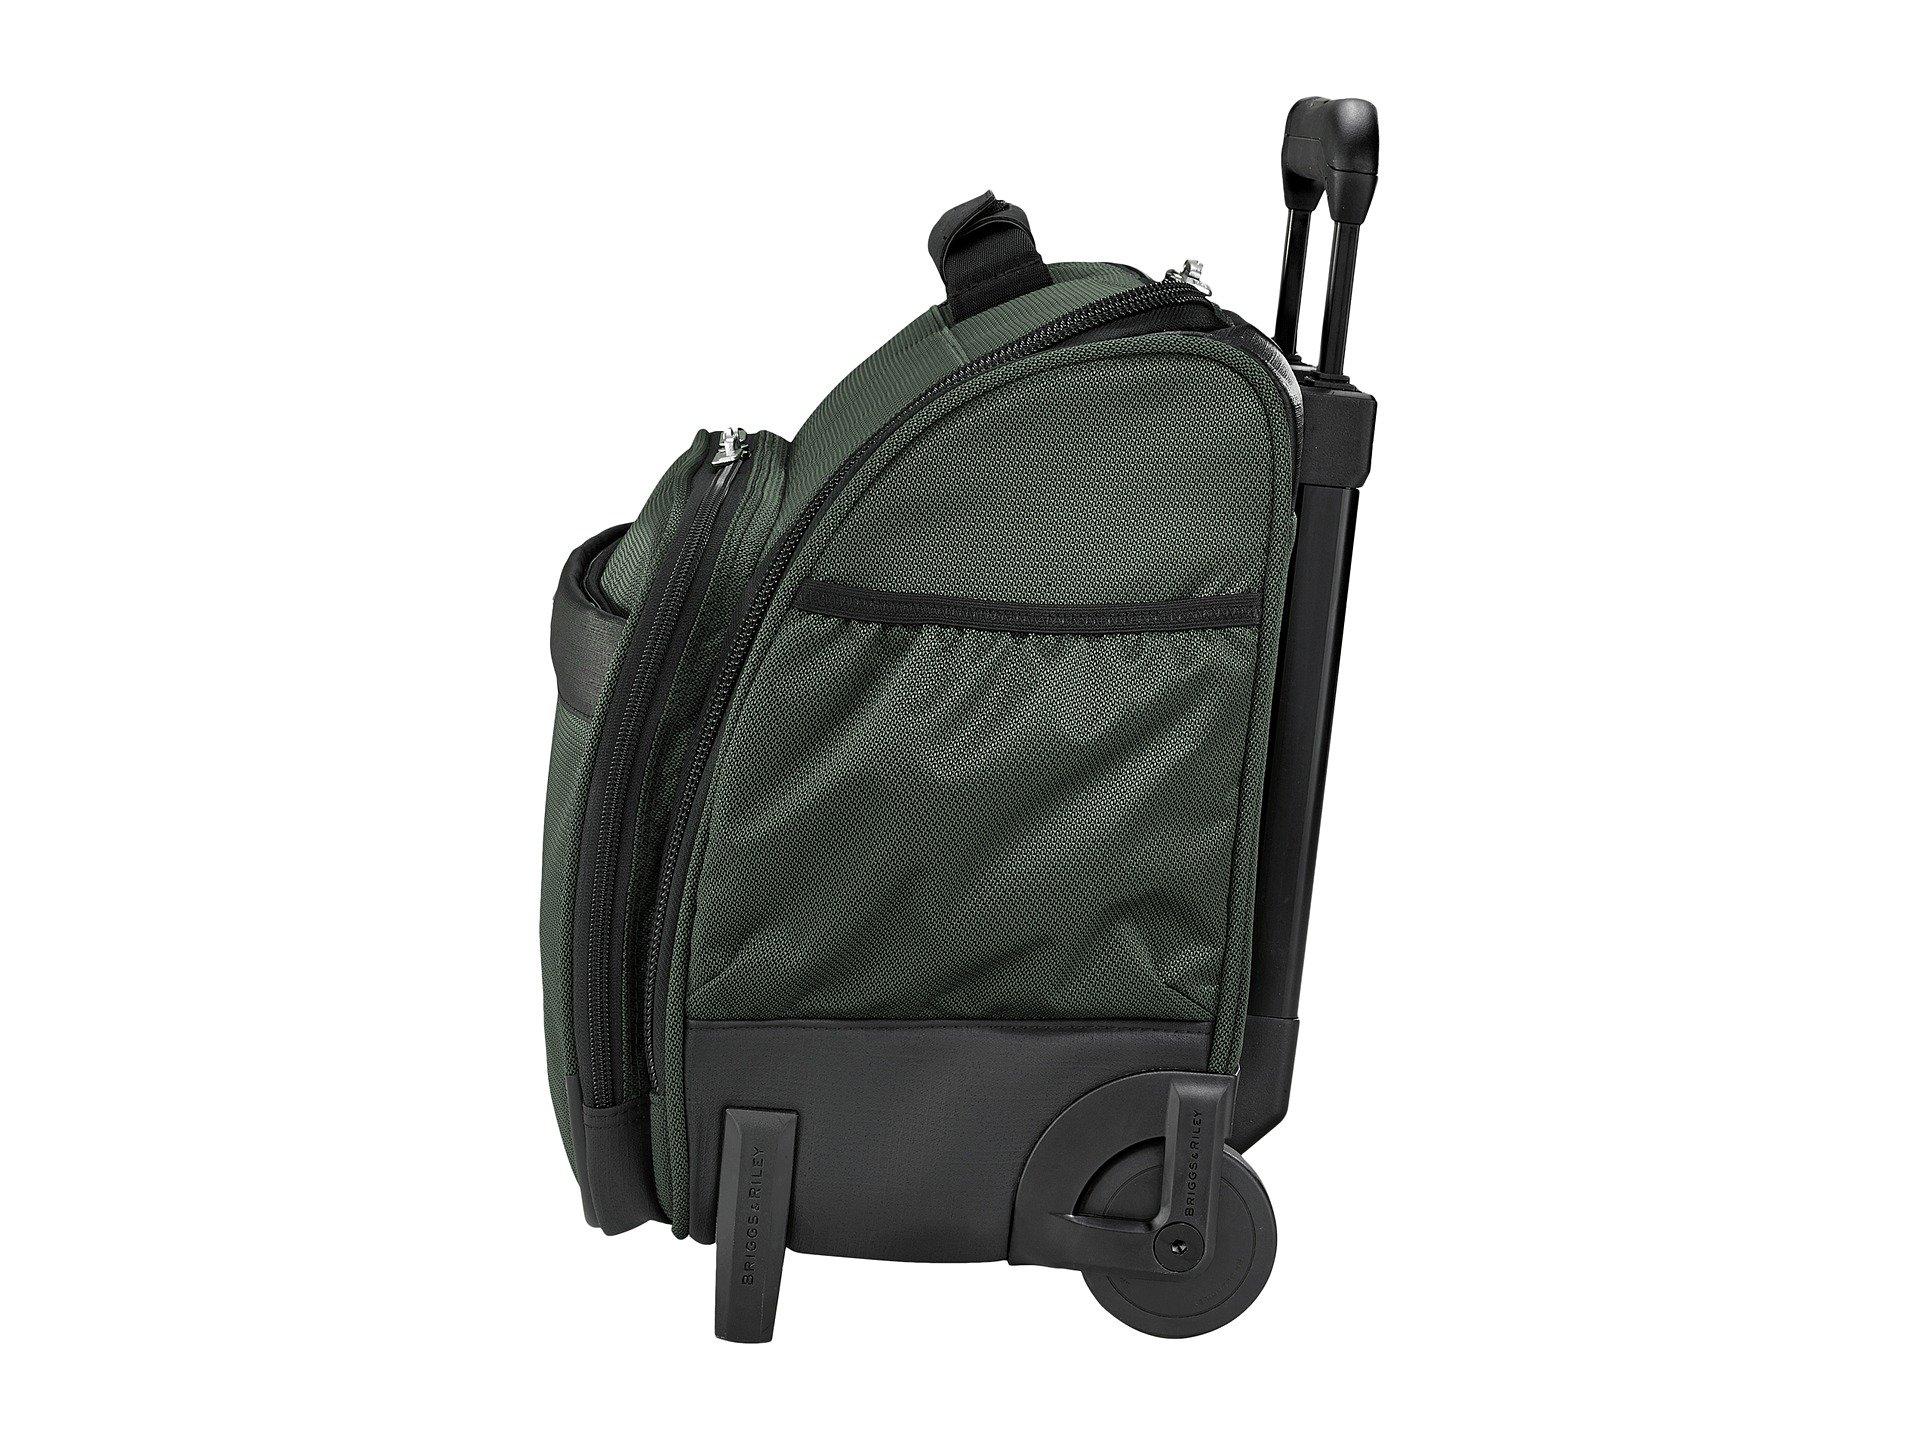 Vx Transcend Briggs Green Rainforest Bag Rolling Cabin Riley amp; qwE6CEt